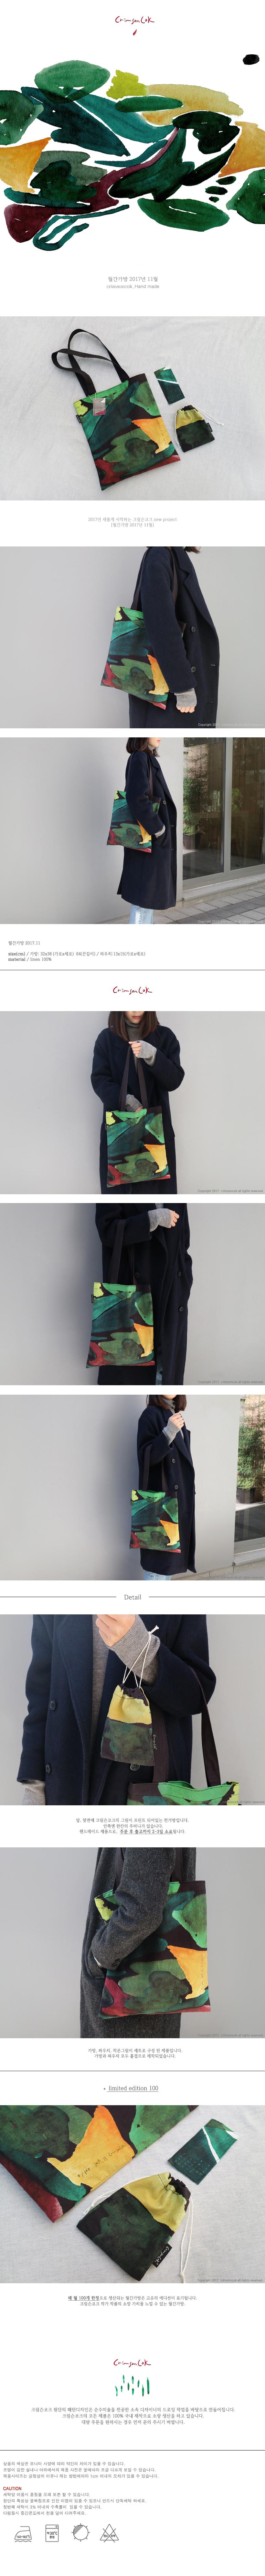 월간가방 2017년 11월29,000원-크림슨코크패션잡화, 가방, 숄더백, 캔버스패브릭숄더백바보사랑월간가방 2017년 11월29,000원-크림슨코크패션잡화, 가방, 숄더백, 캔버스패브릭숄더백바보사랑